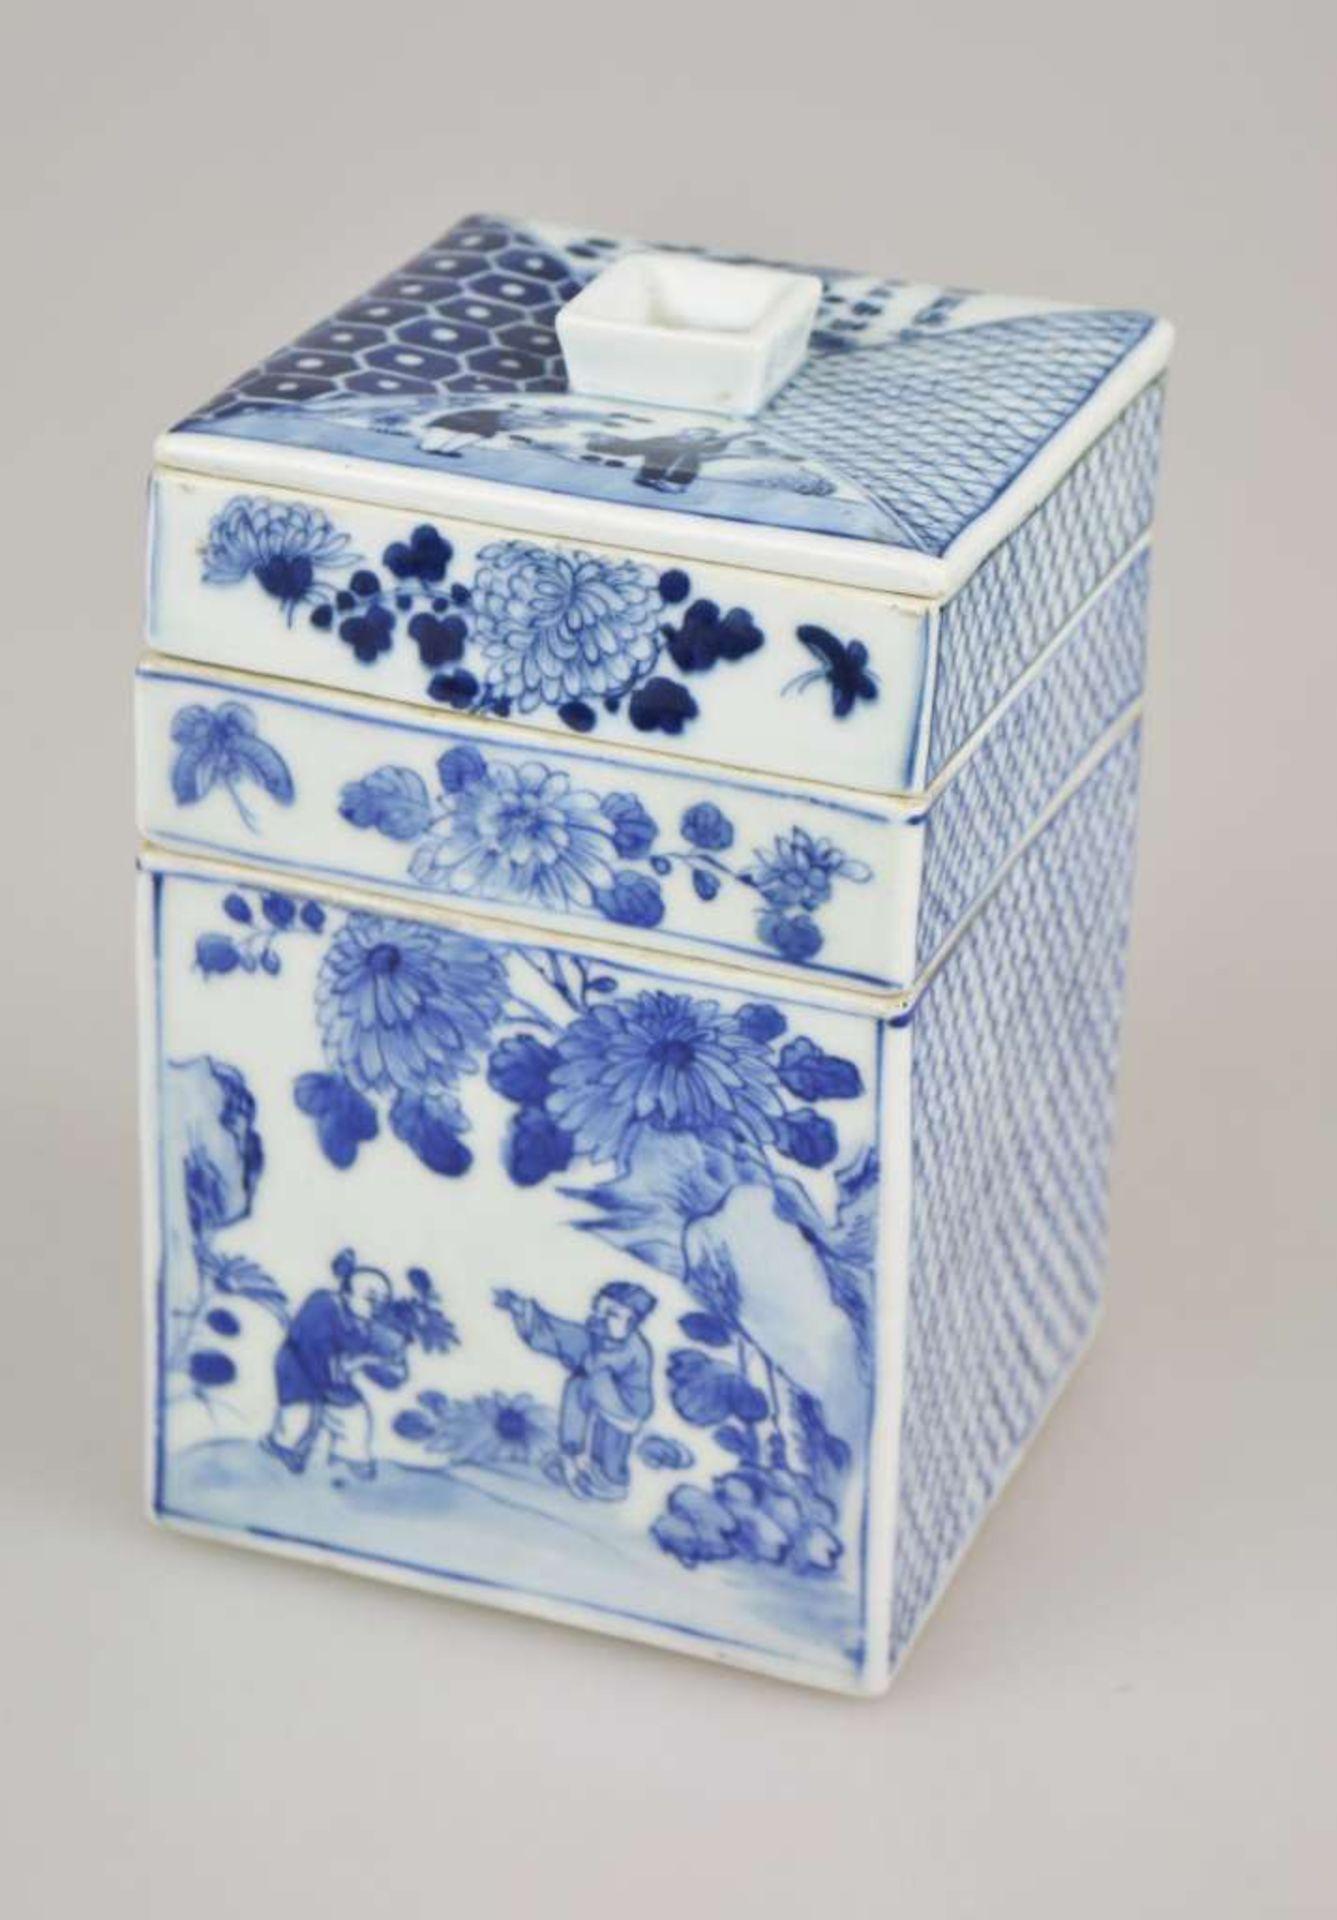 Ein blau-weiß quadratischer Schreibwarenbehälter mit Abdeckung, bestehend aus vier Teilen, ei - Bild 4 aus 5